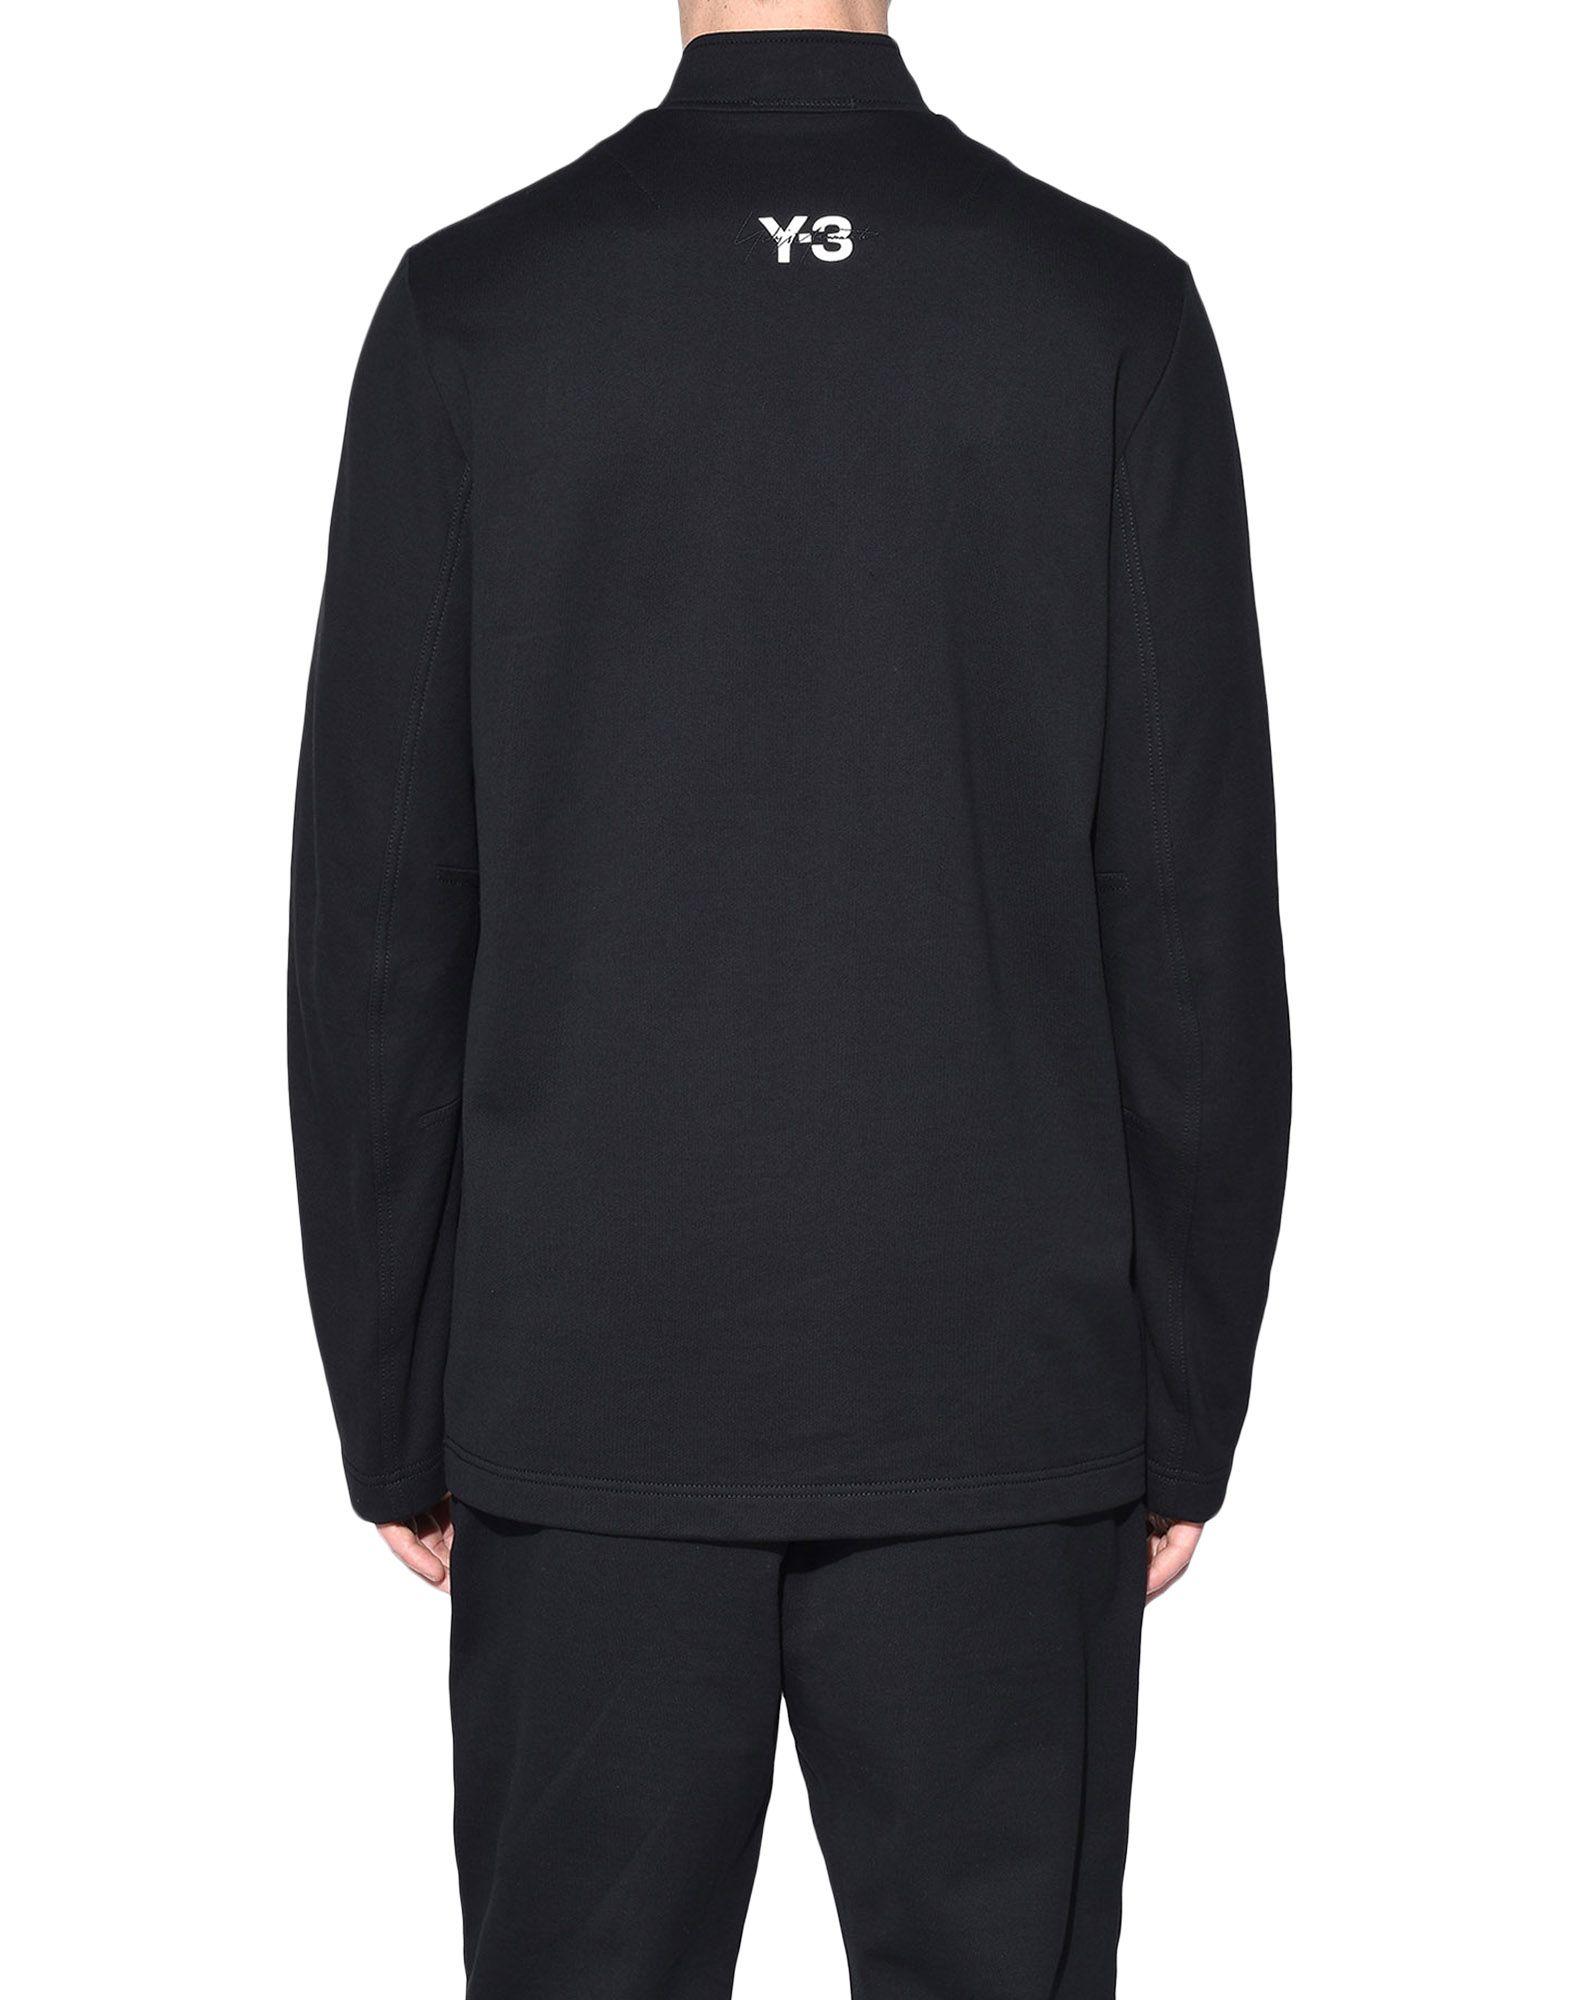 Y-3 Y-3 Sashiko Sweater Sweatshirt mit Zipp Herren d